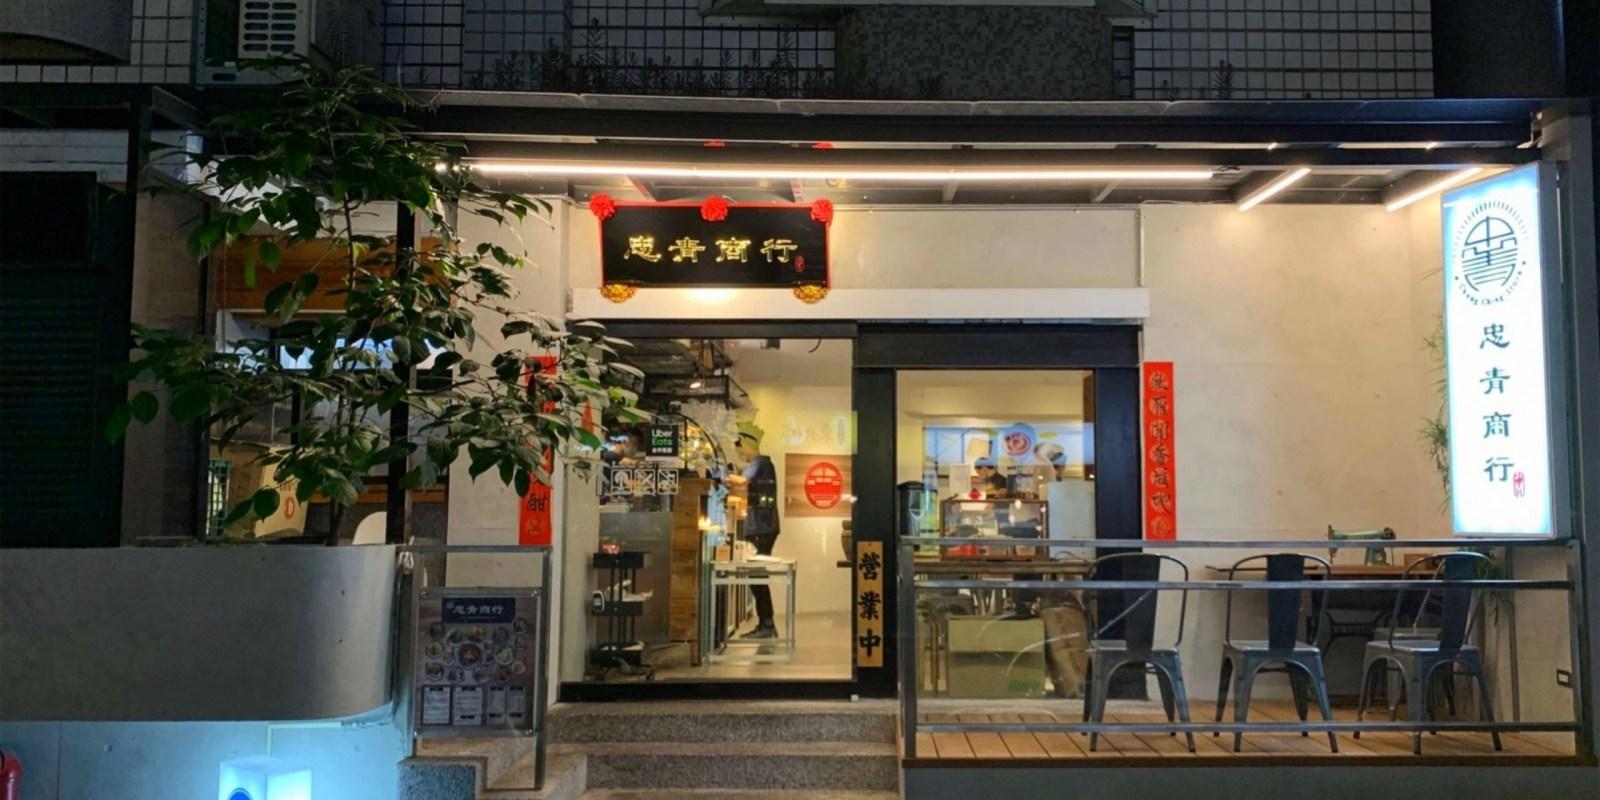 [台北美食] 忠青商行 - 這家文青飯館有超浮誇的滿滿蝦仁飯!